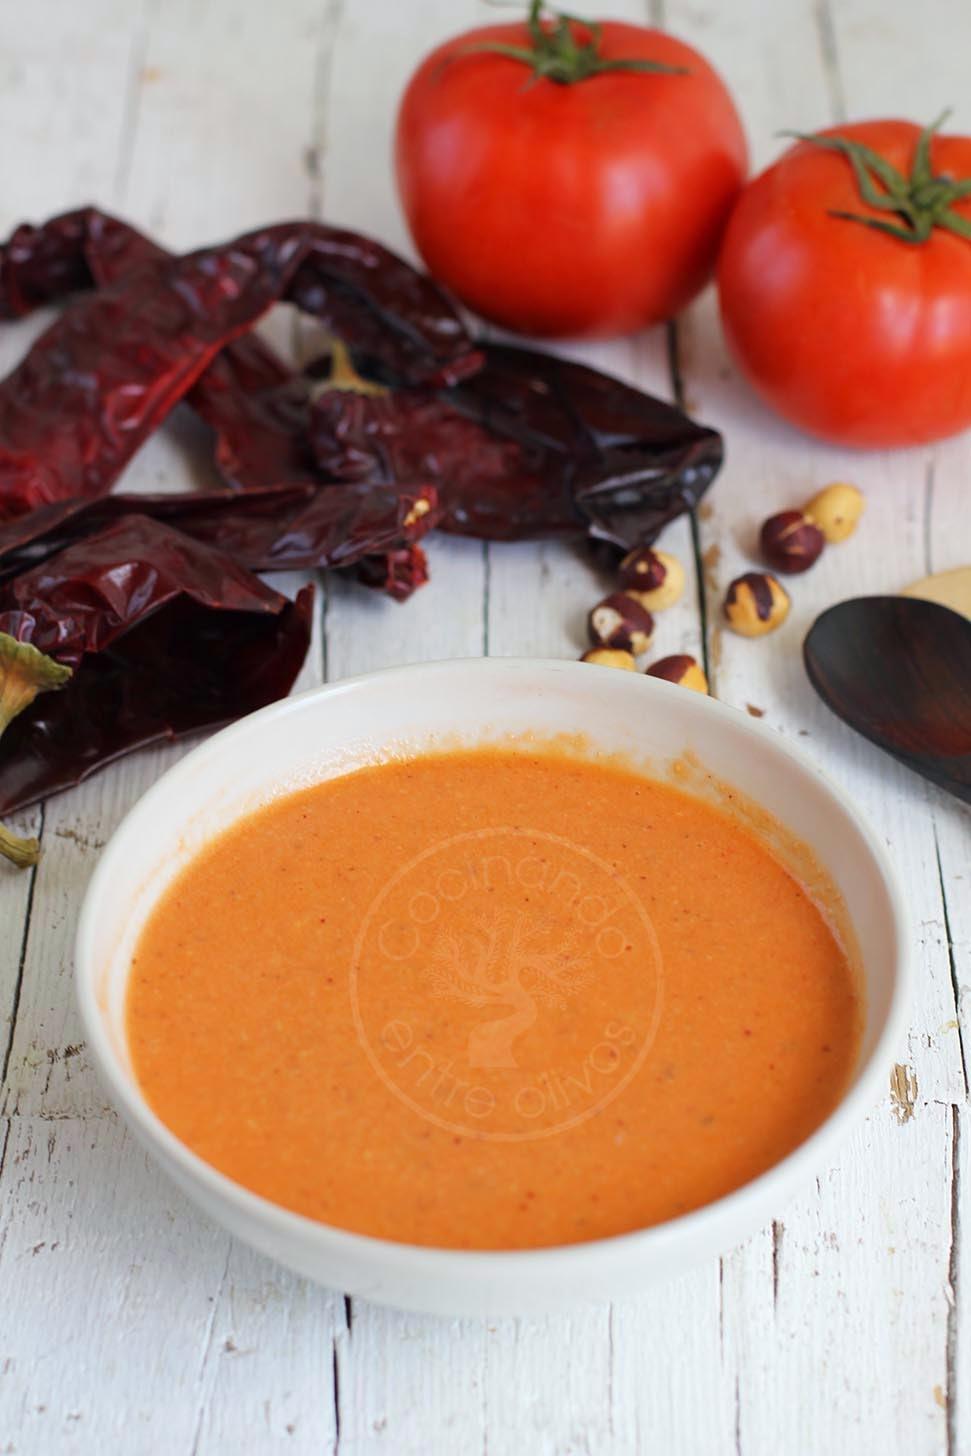 Cocinando entre olivos salsa romesco receta paso a paso for Cocinando entre olivos